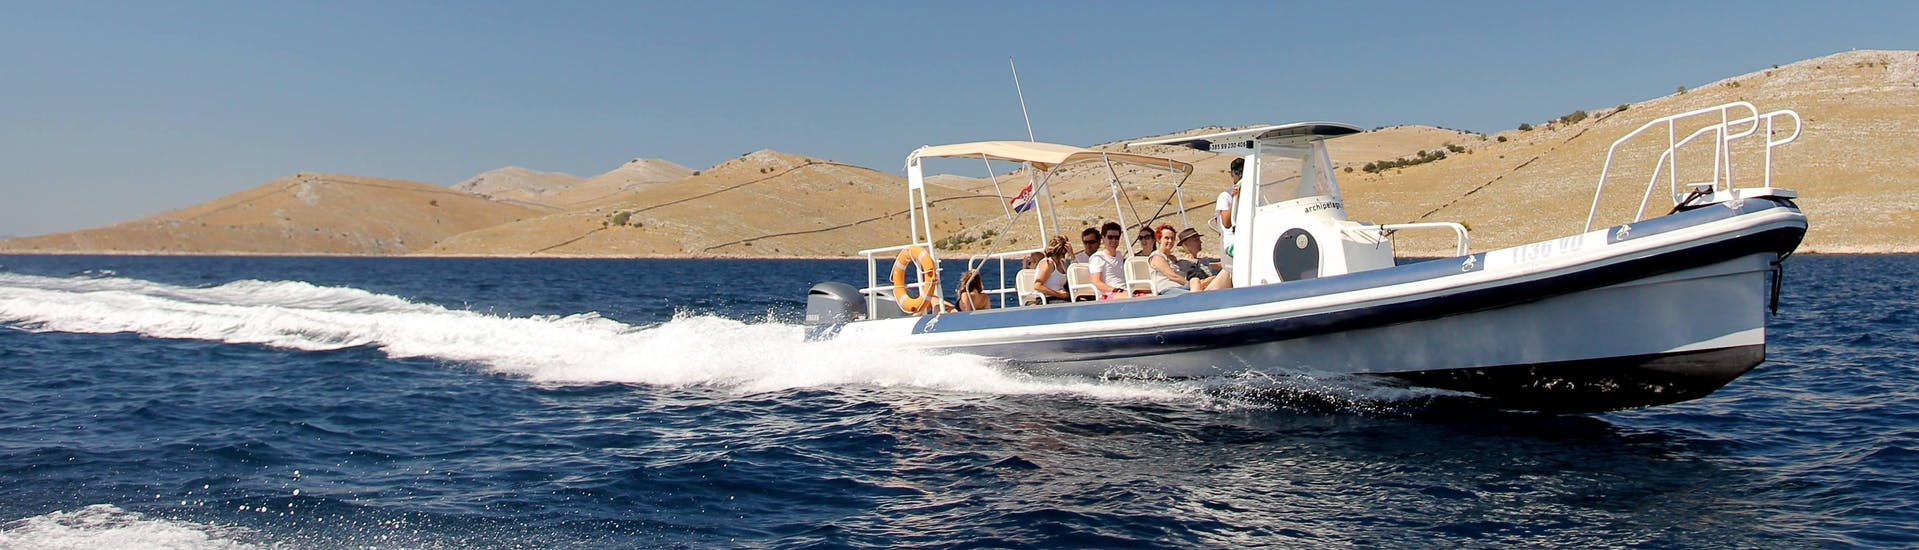 Sortie en bateau privée de Šibenik à Kornati National Park avec Baignade & Observation de la faune